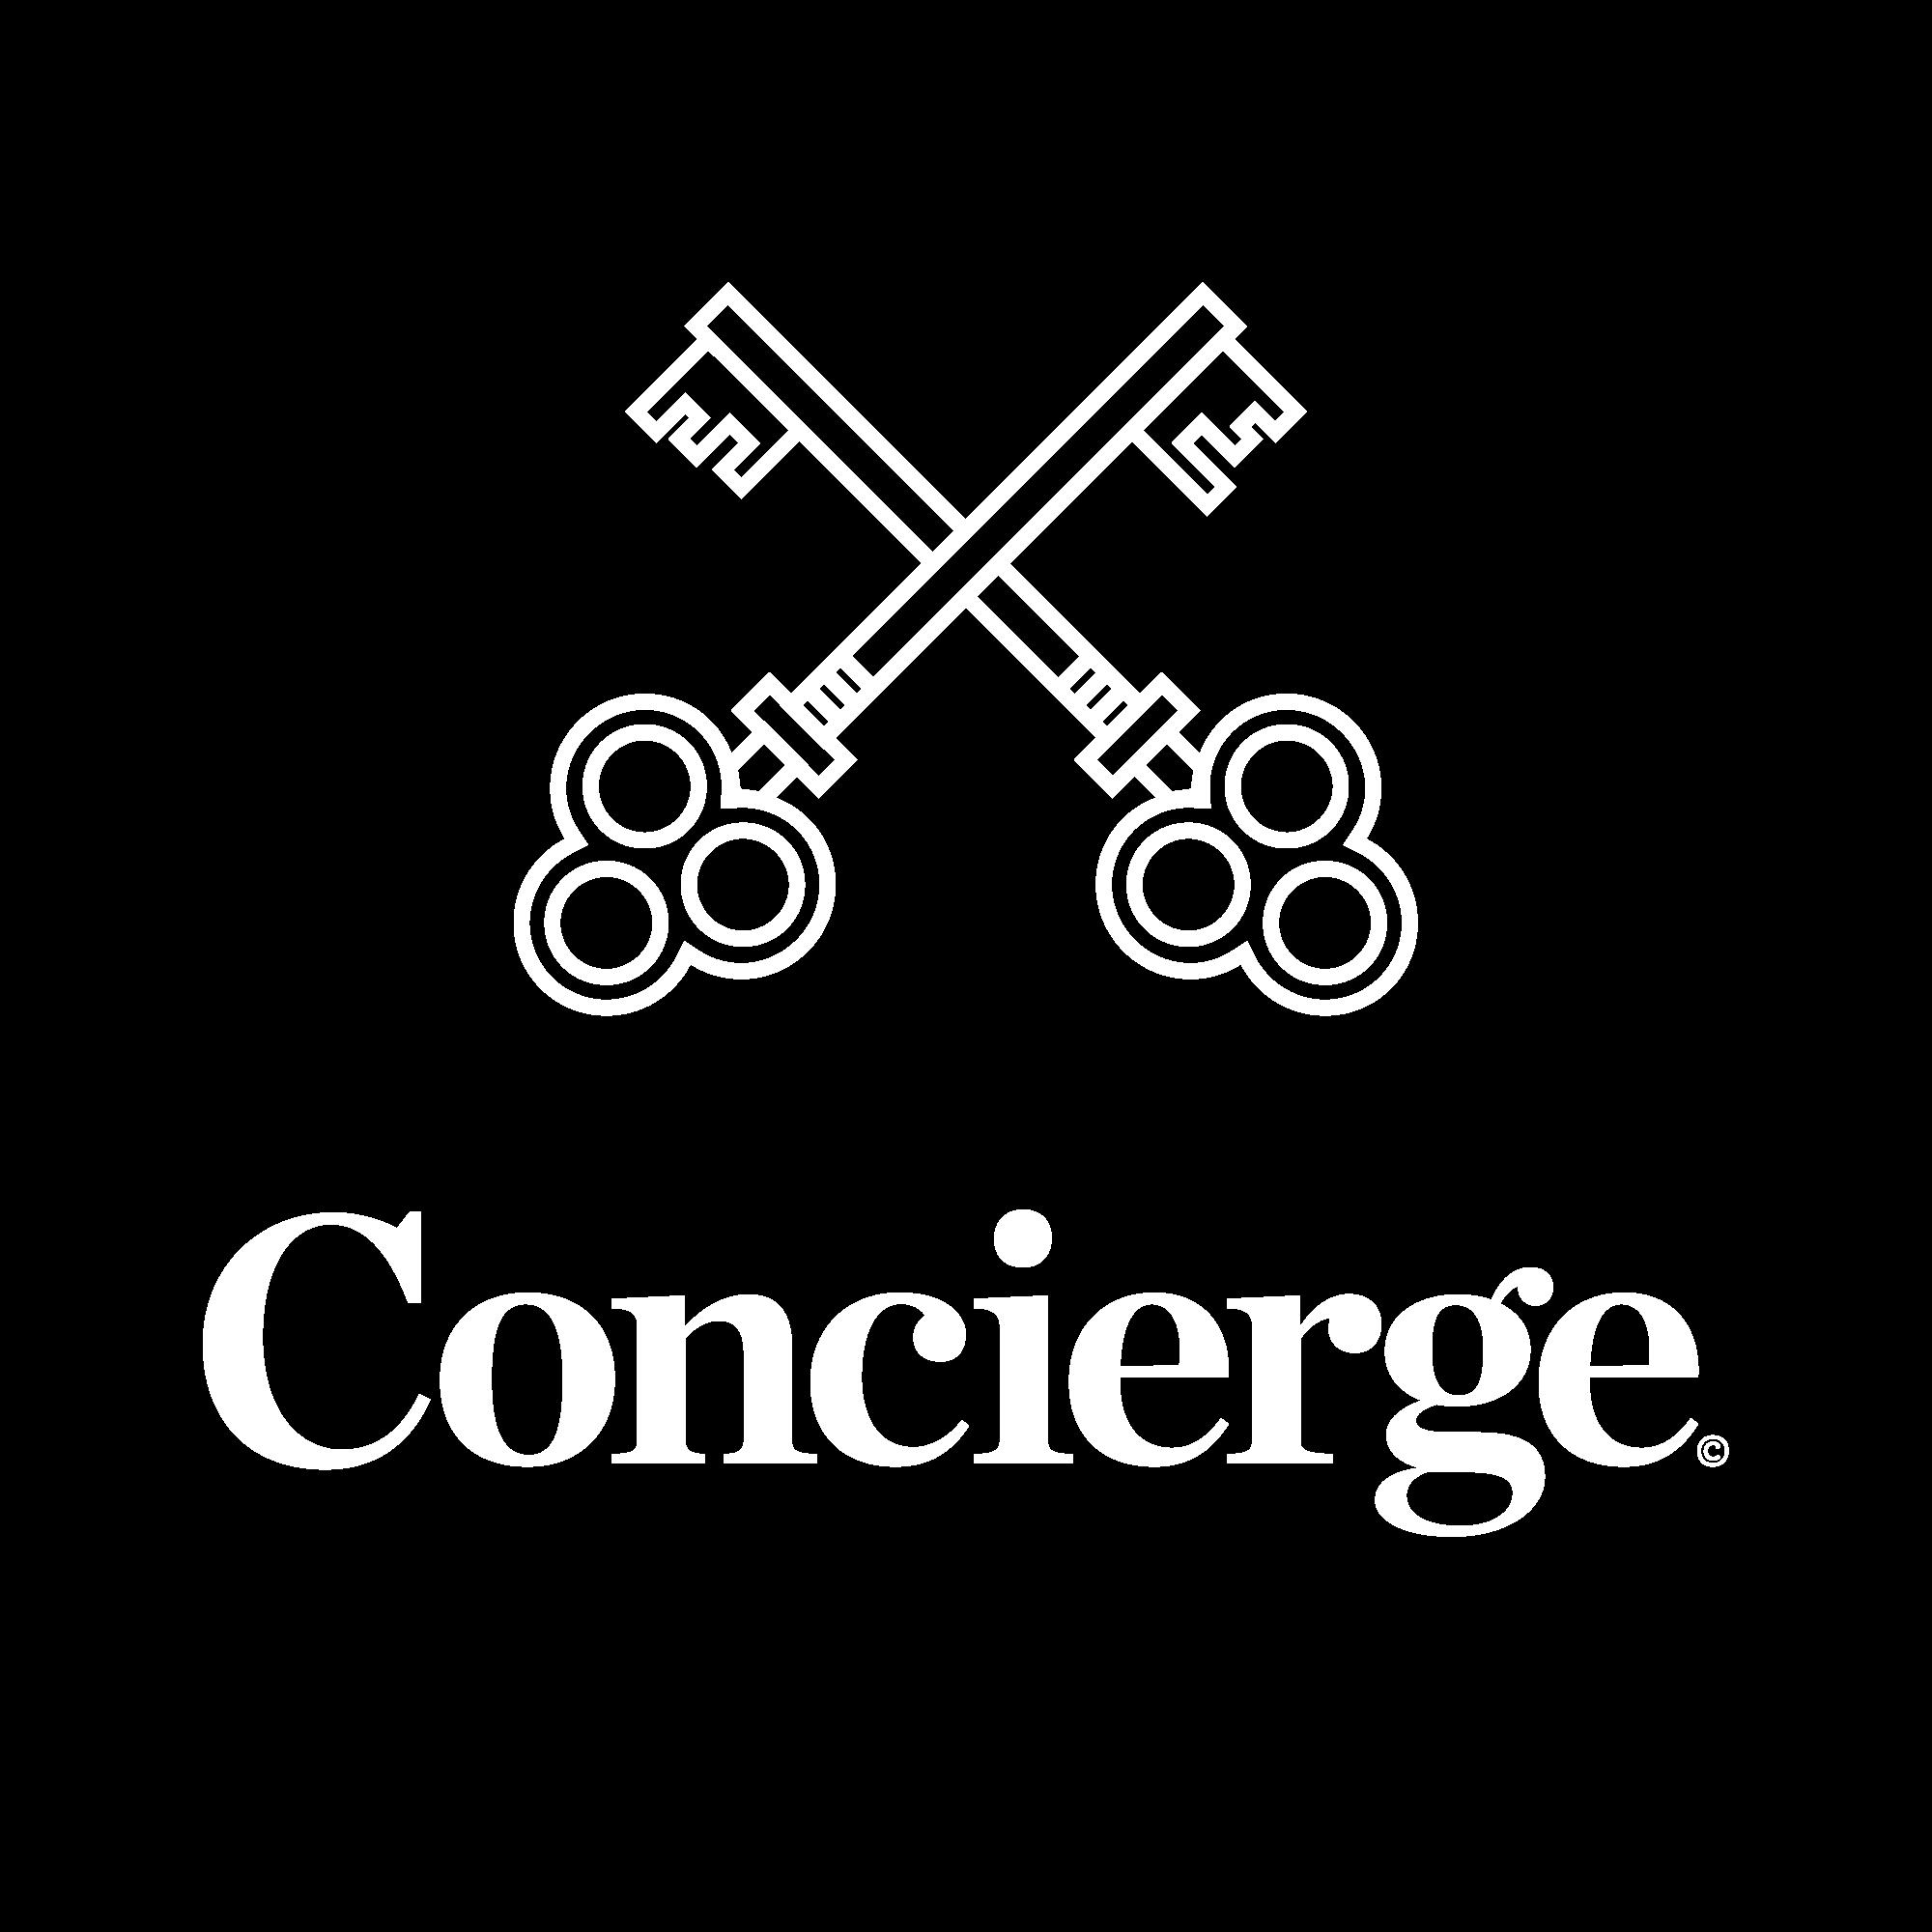 ConciergeCoffee_logo2.png